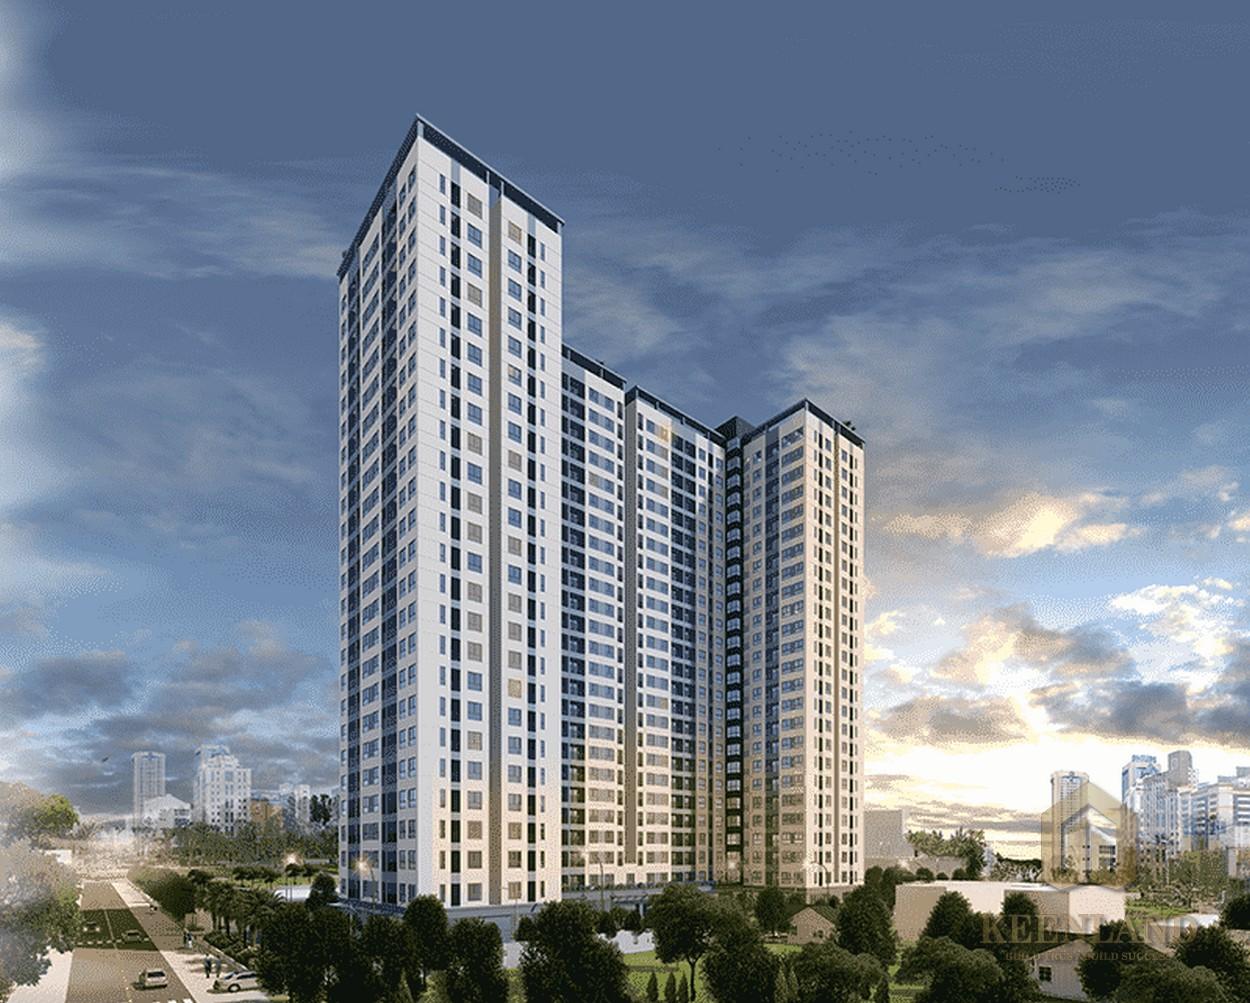 Mua bán dự án chung cư căn hộ Bcons Miền đông chủ đầu tư Bcons